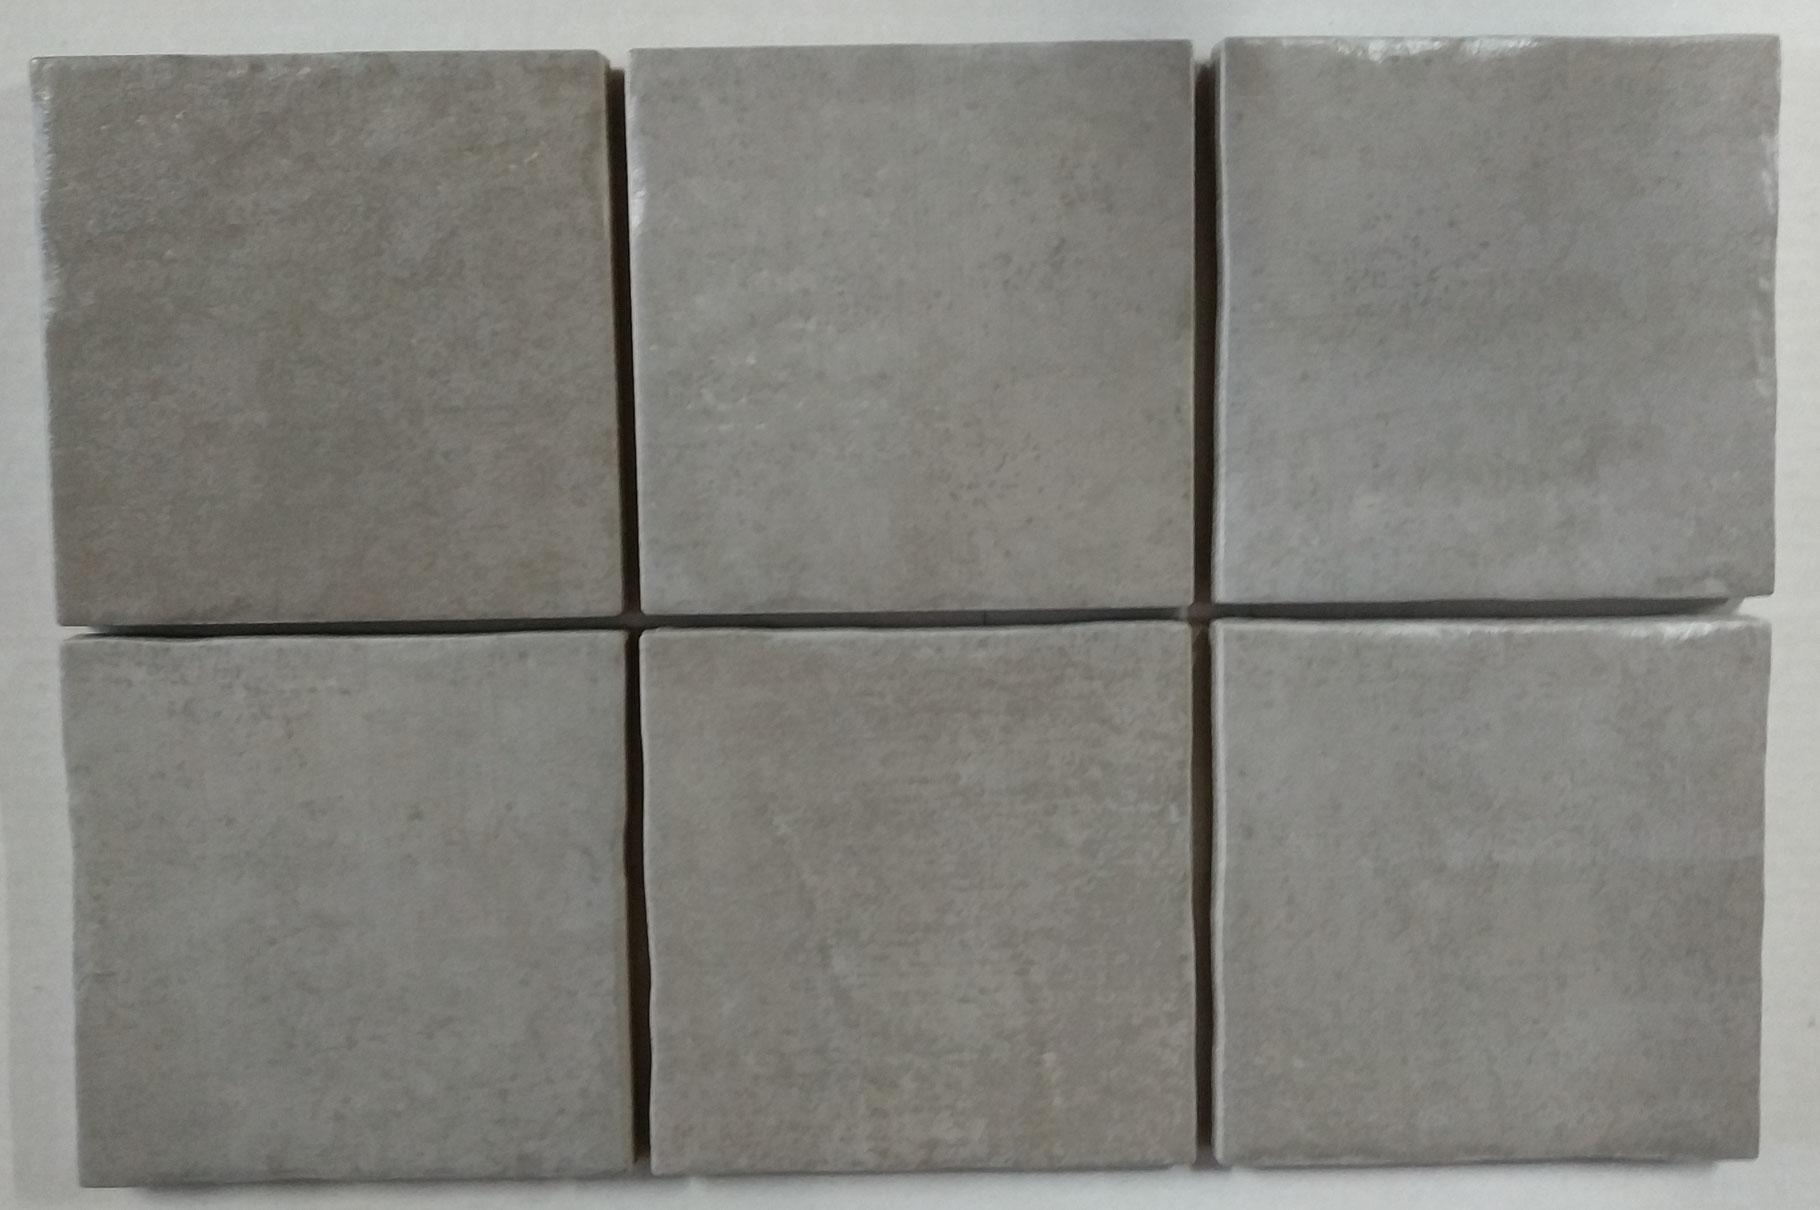 Piastrelle 10x10 formelle inserti ceramichemetis materiale edile